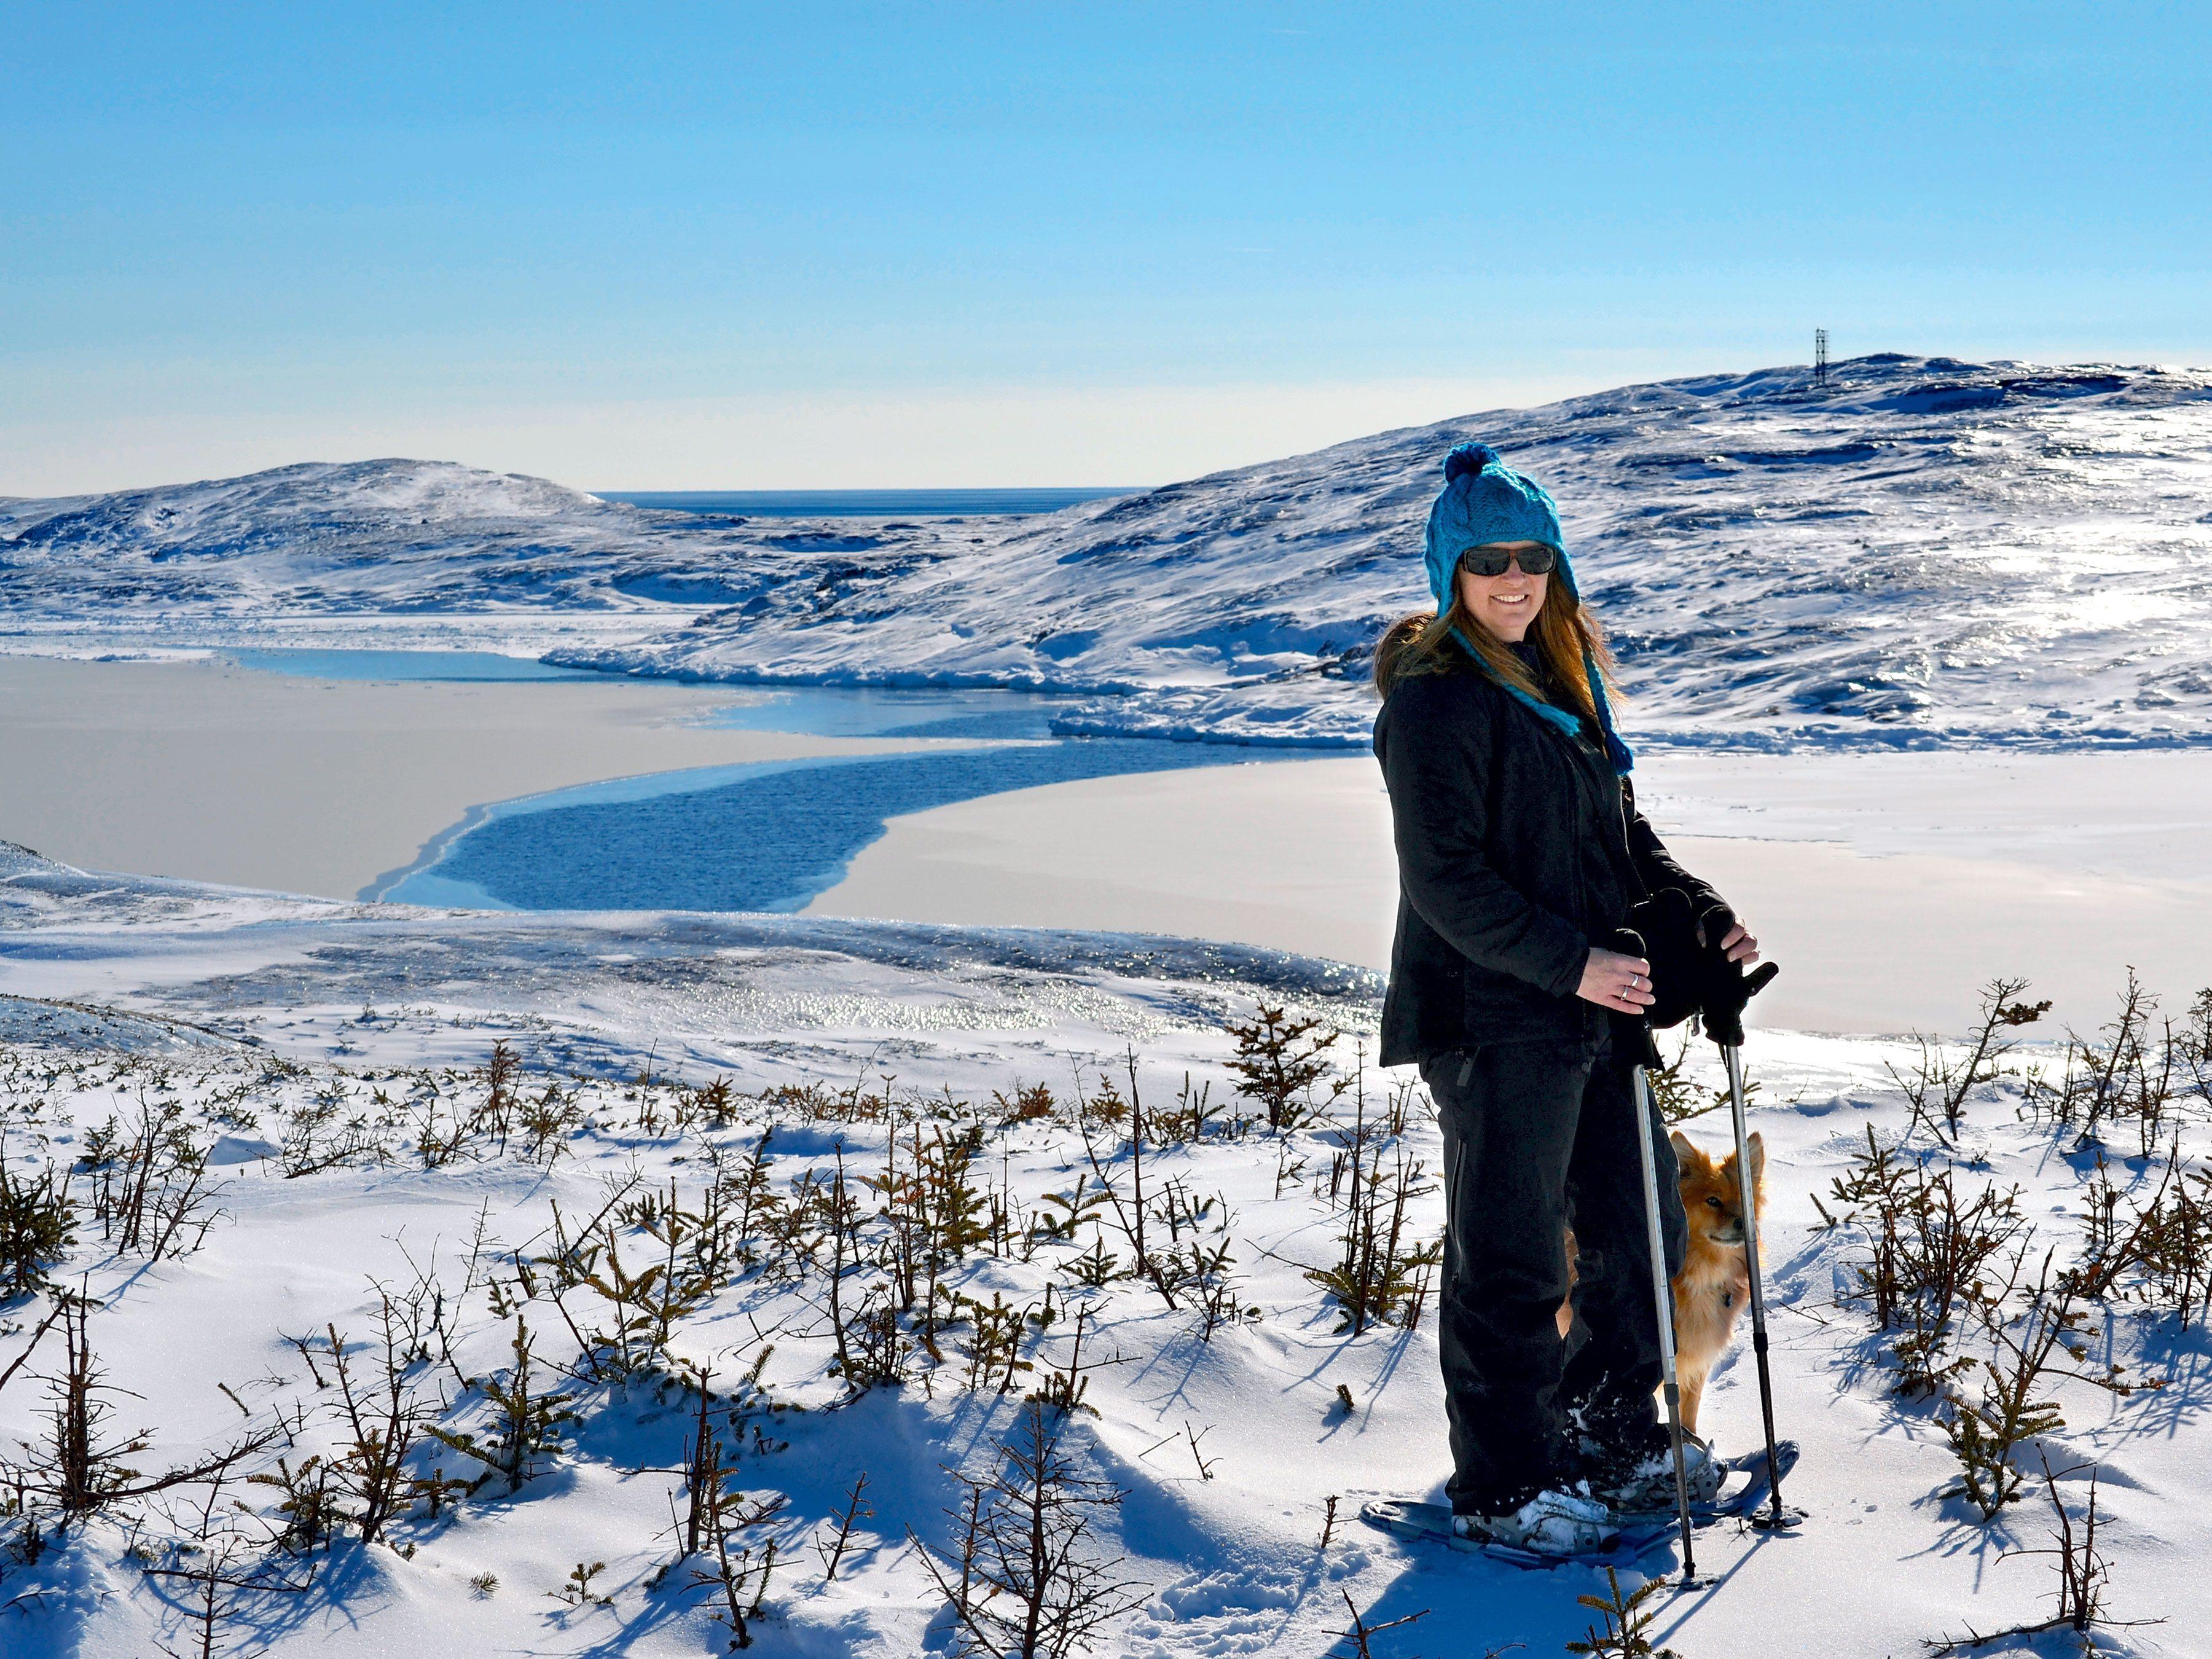 Winter in Canada: Winter Walking